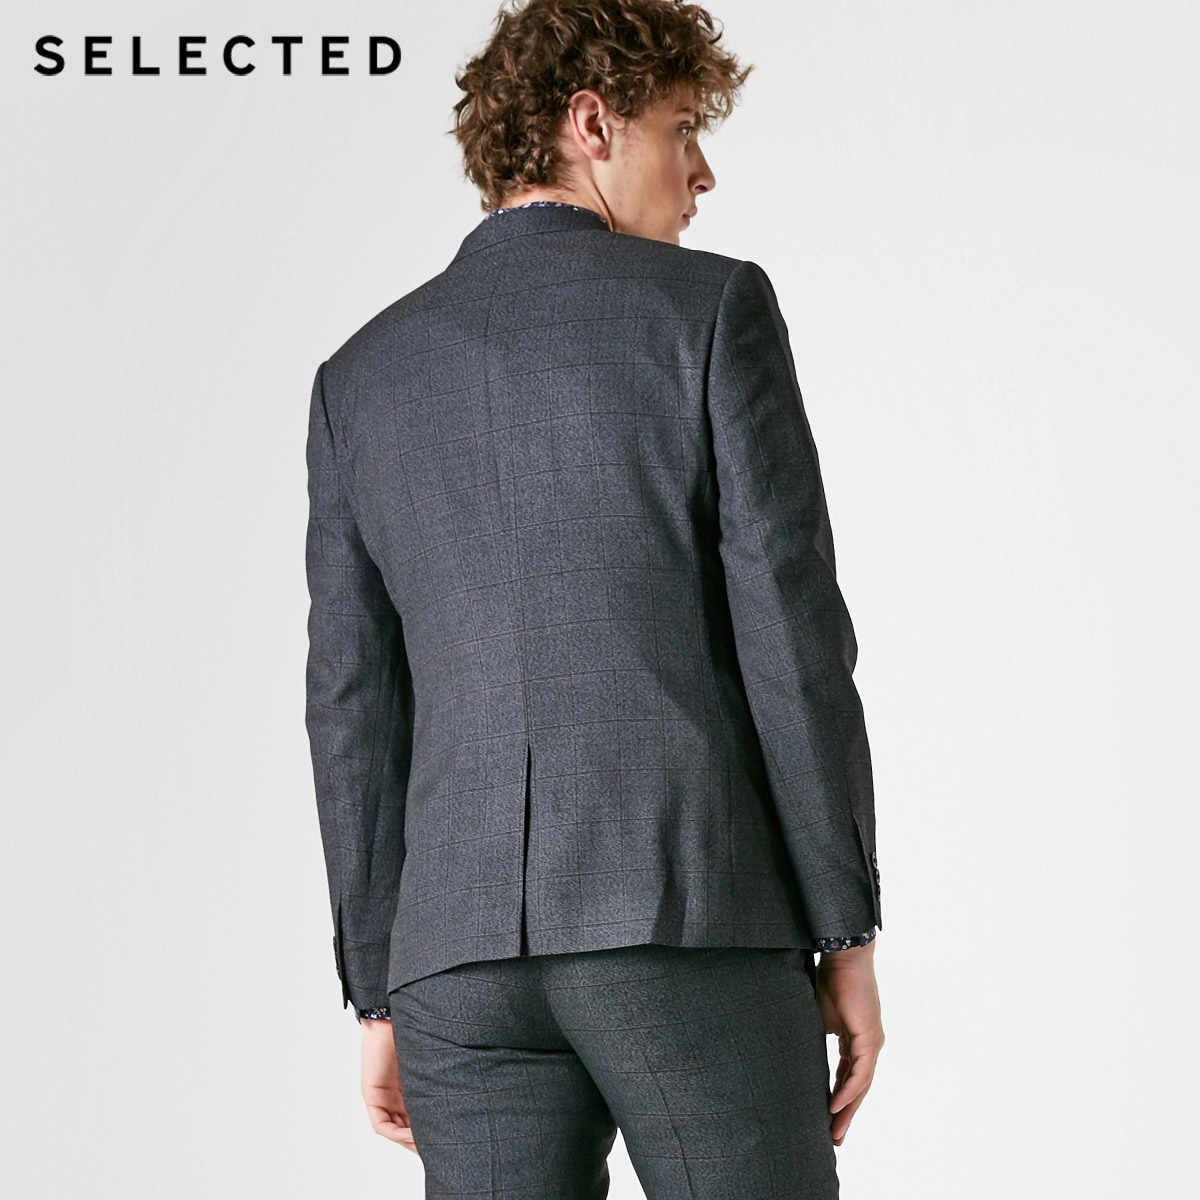 選択男性シングルブレストビジネスジャケット | 41845X501